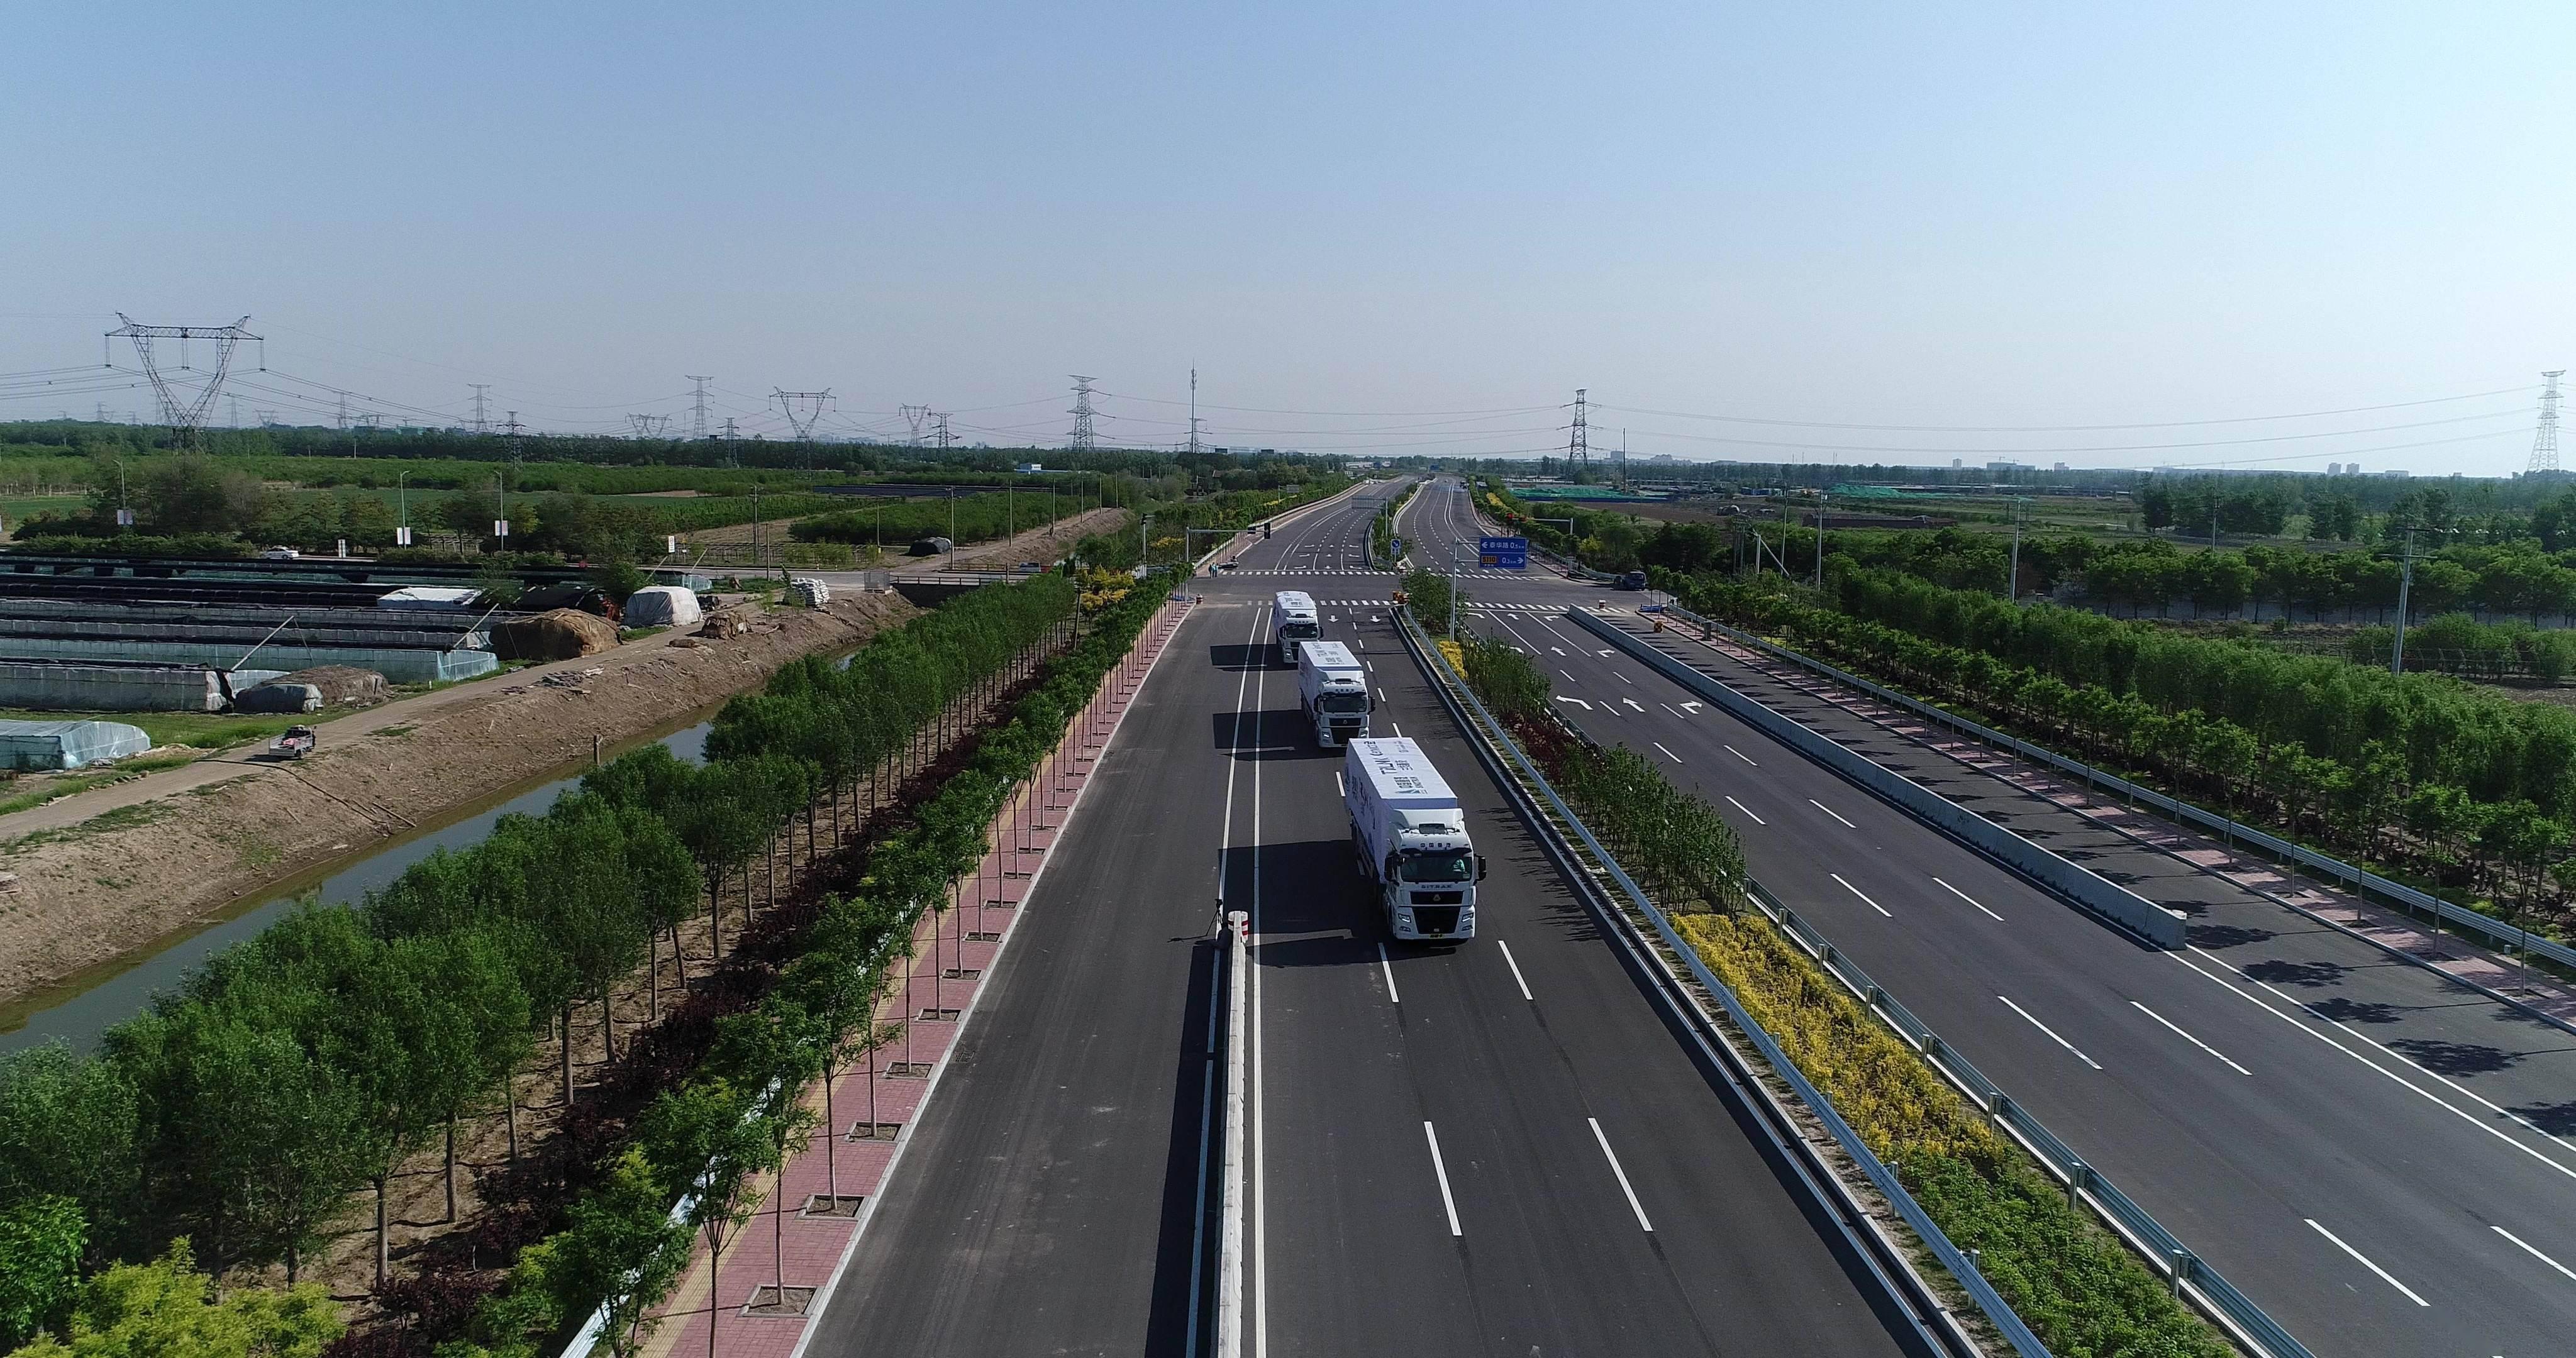 主线科技与福佑卡车成立合资公司,加速自动驾驶在干线物流的商业化落地